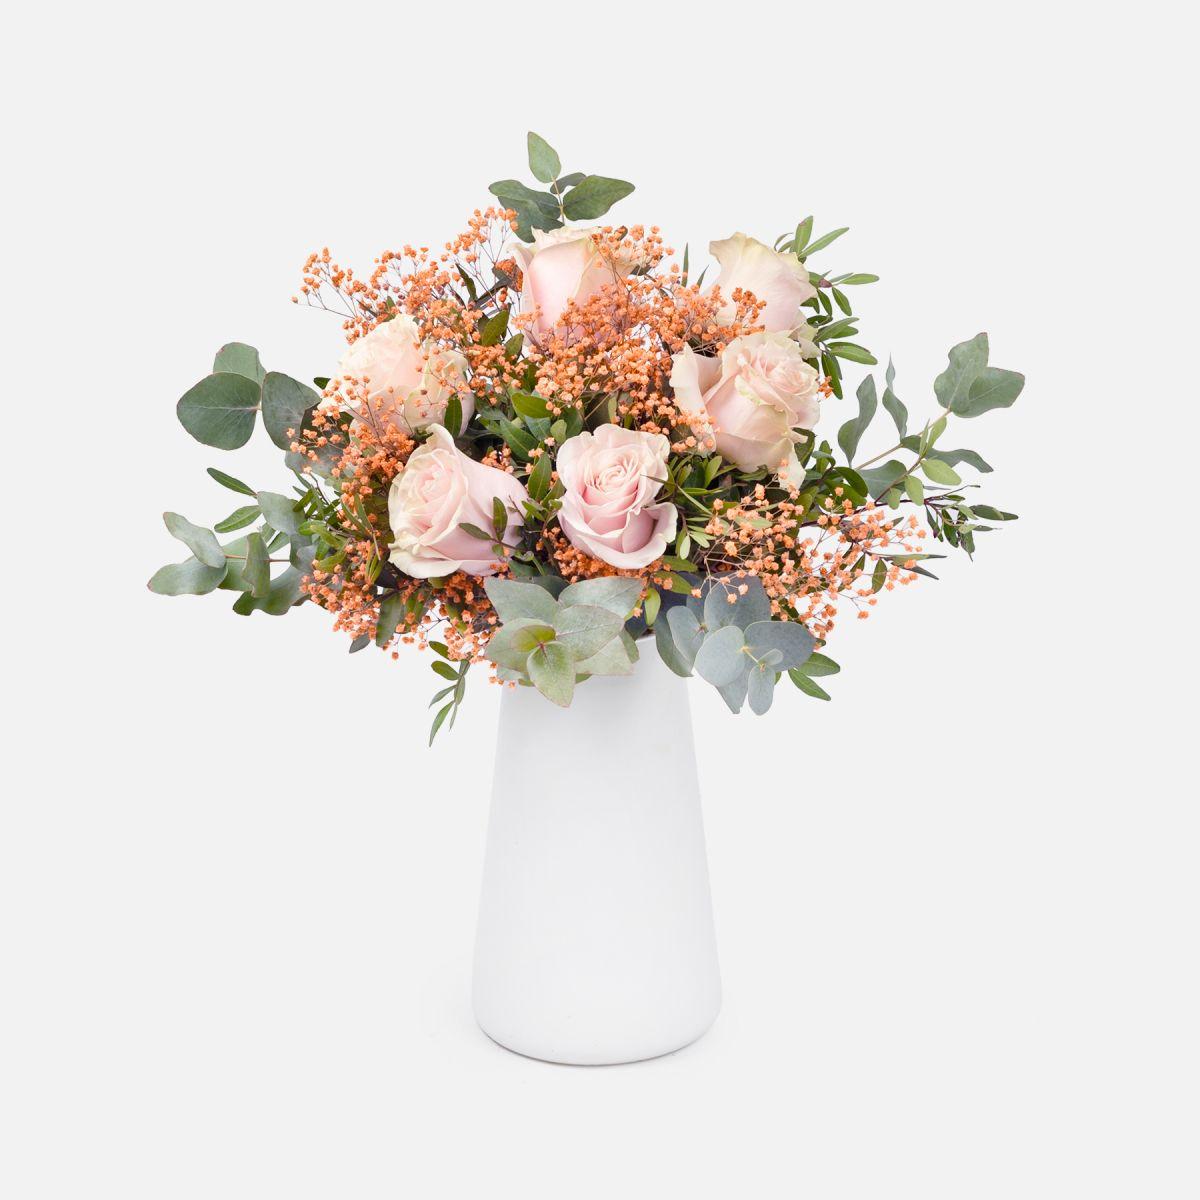 Mazzo di Fiori di Rose Rosa - Fiori LUCKY - Fiori a domicilio - Colvin